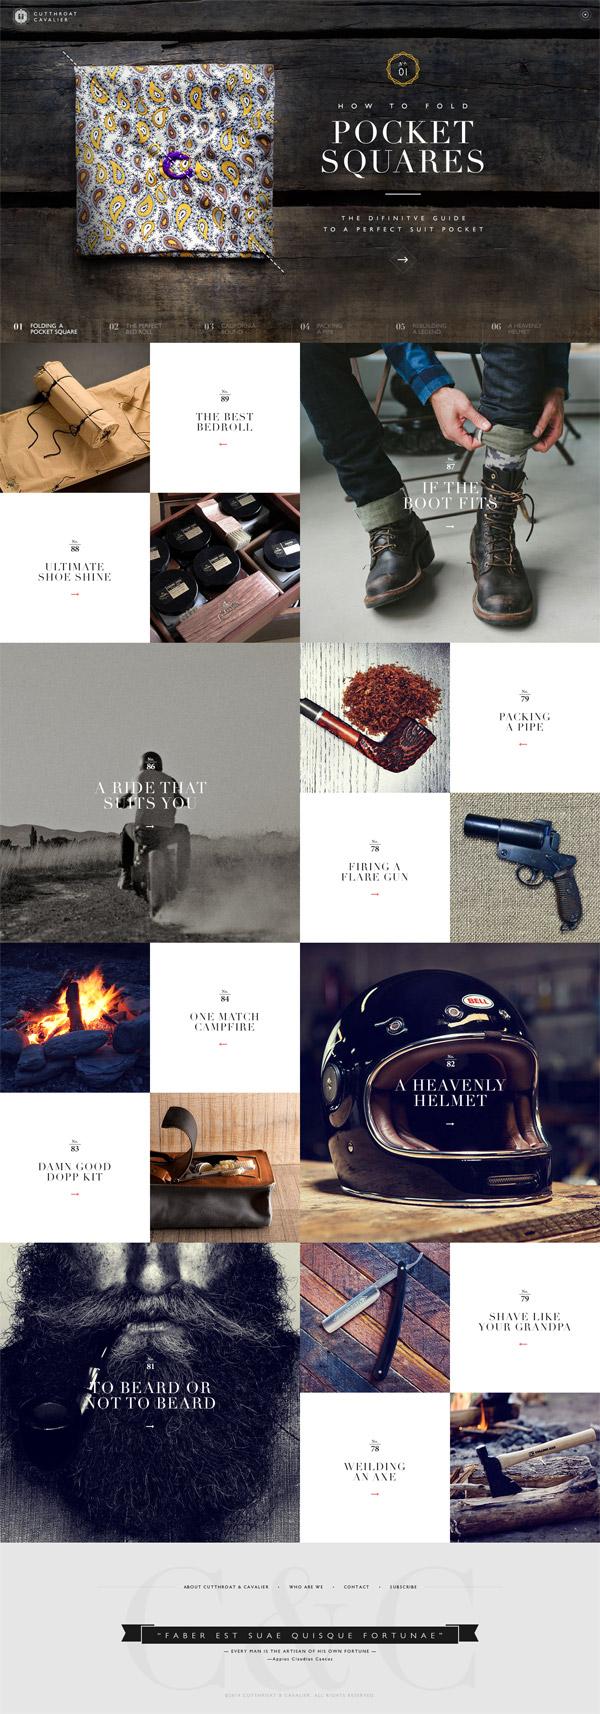 20个全页图片的概念网页设计